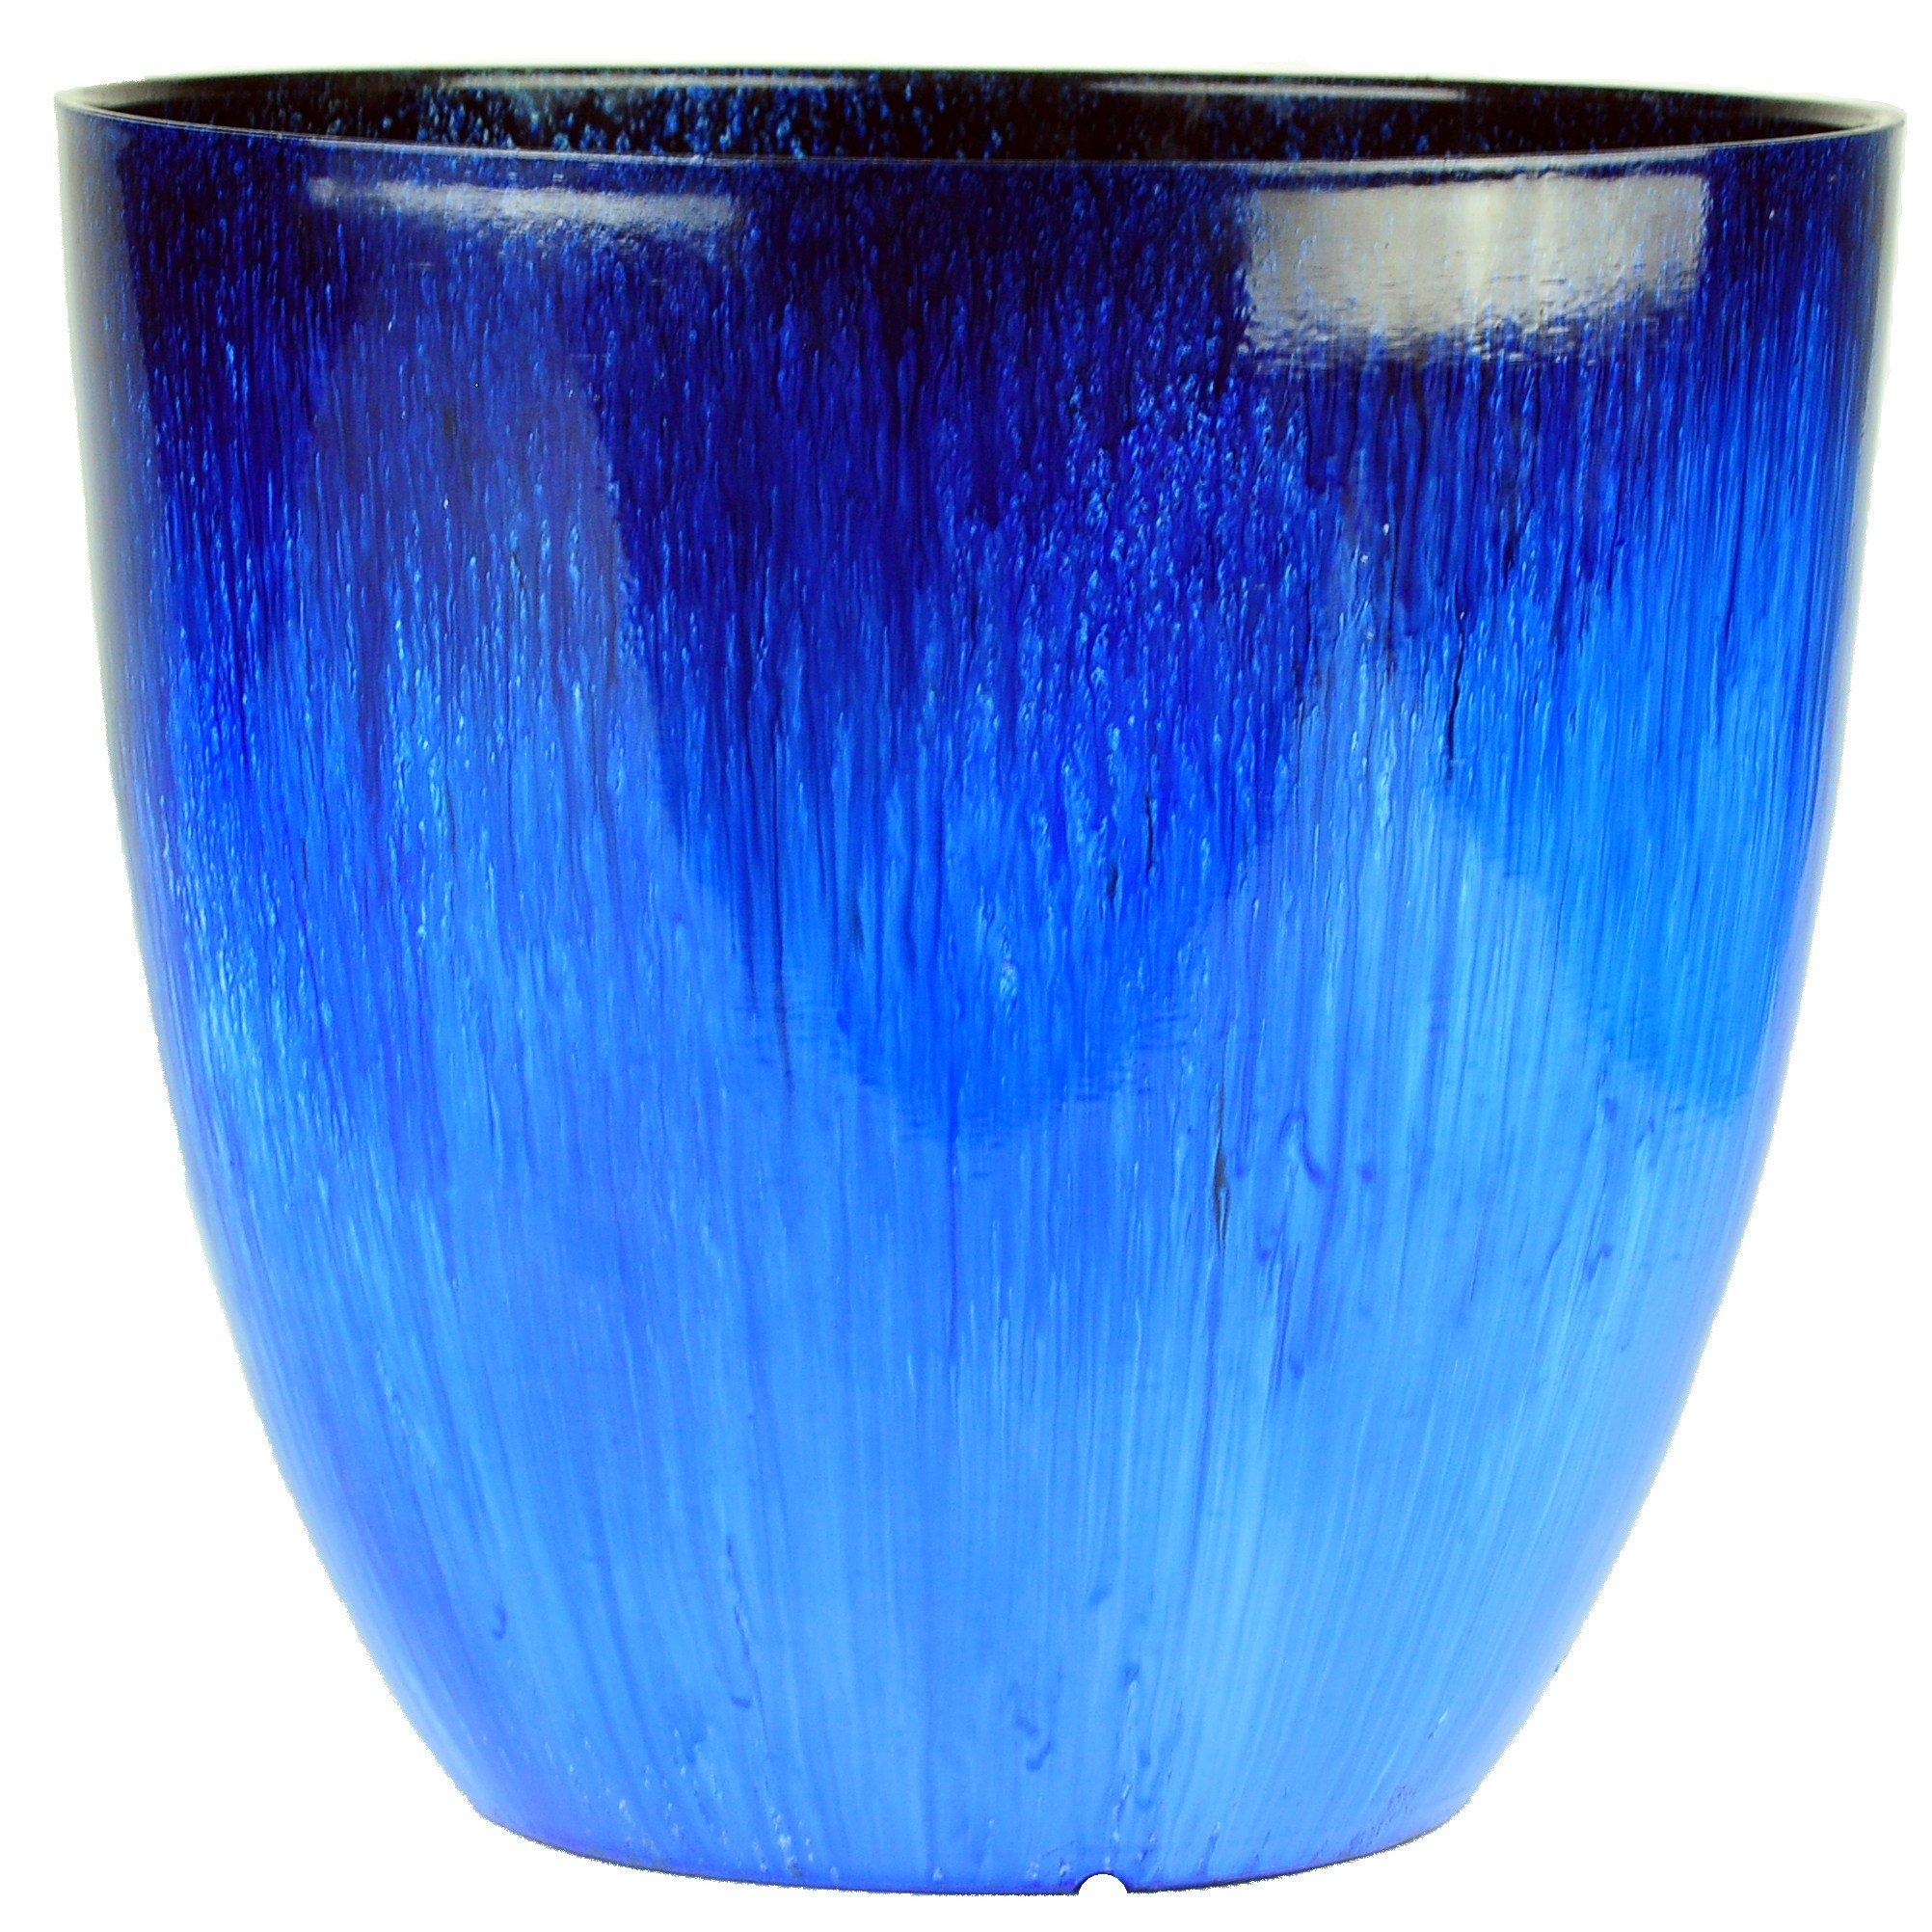 Gardener Select EPR18-204 Egg Planter Blue Flower, 18'' by Gardener Select